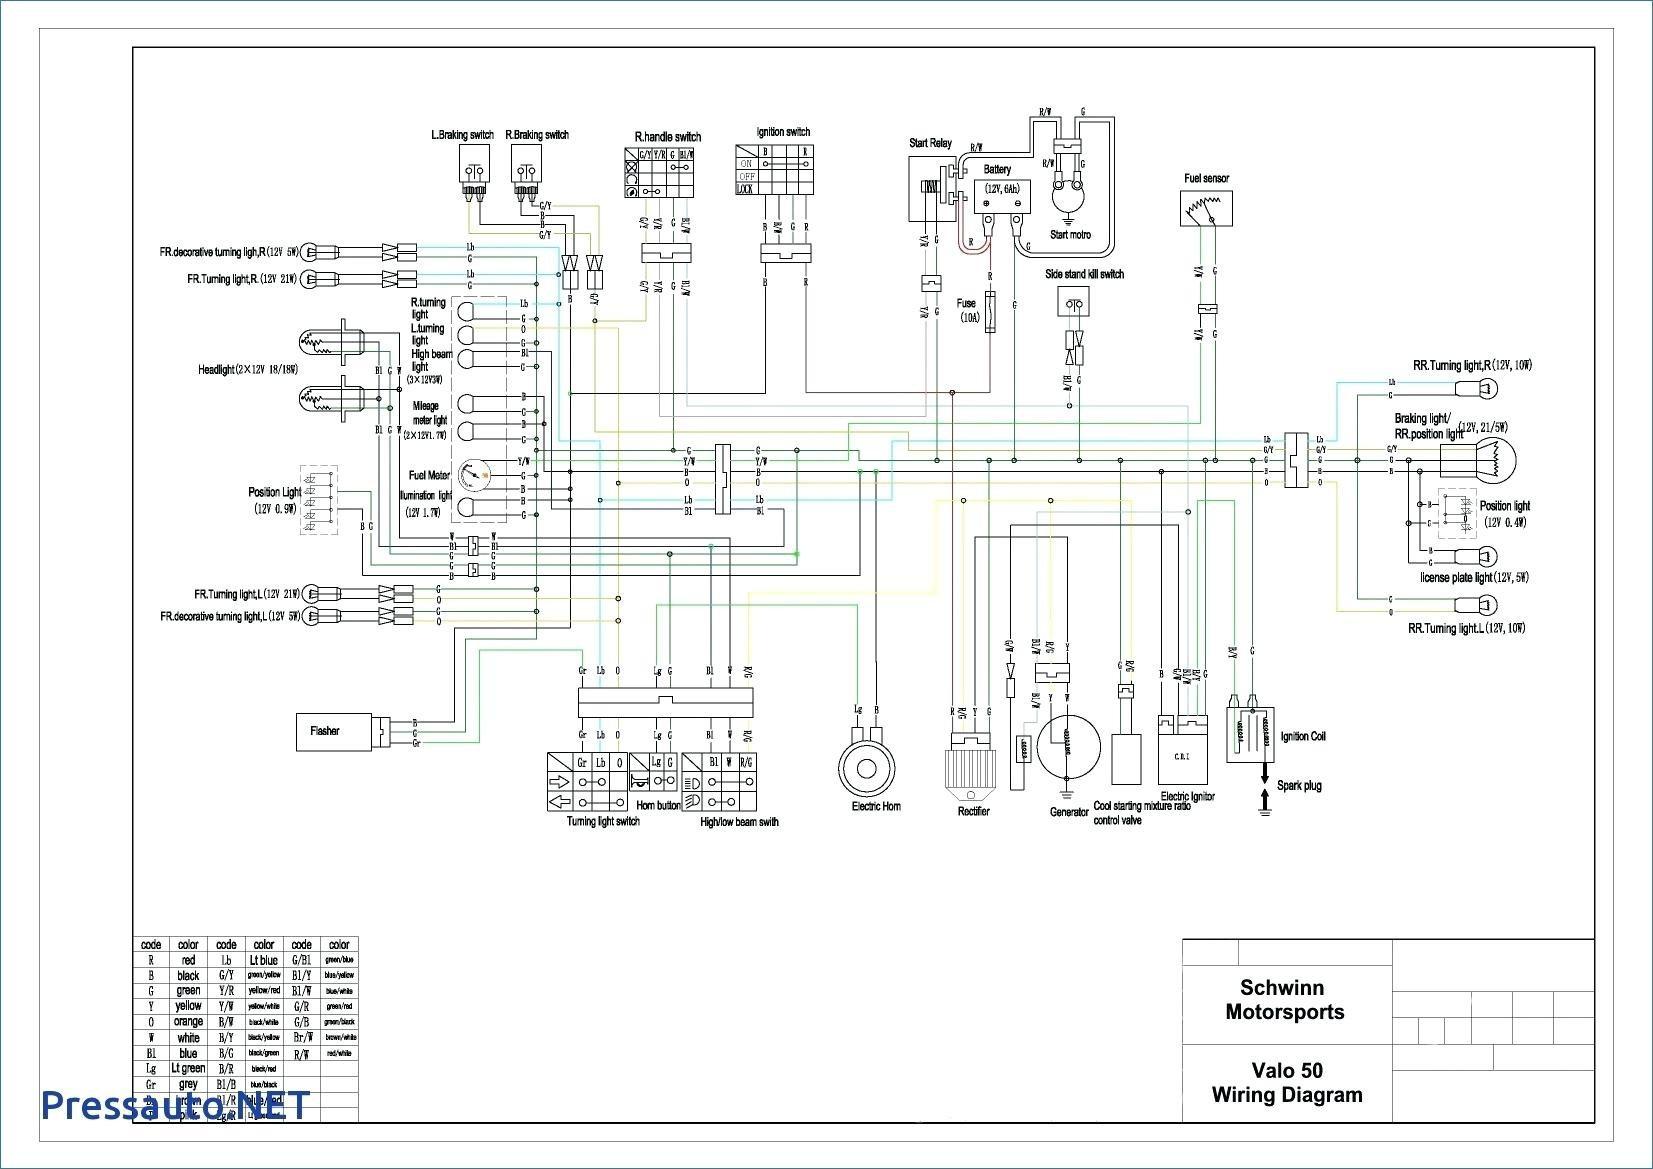 vip 722 schematic circuit diagram